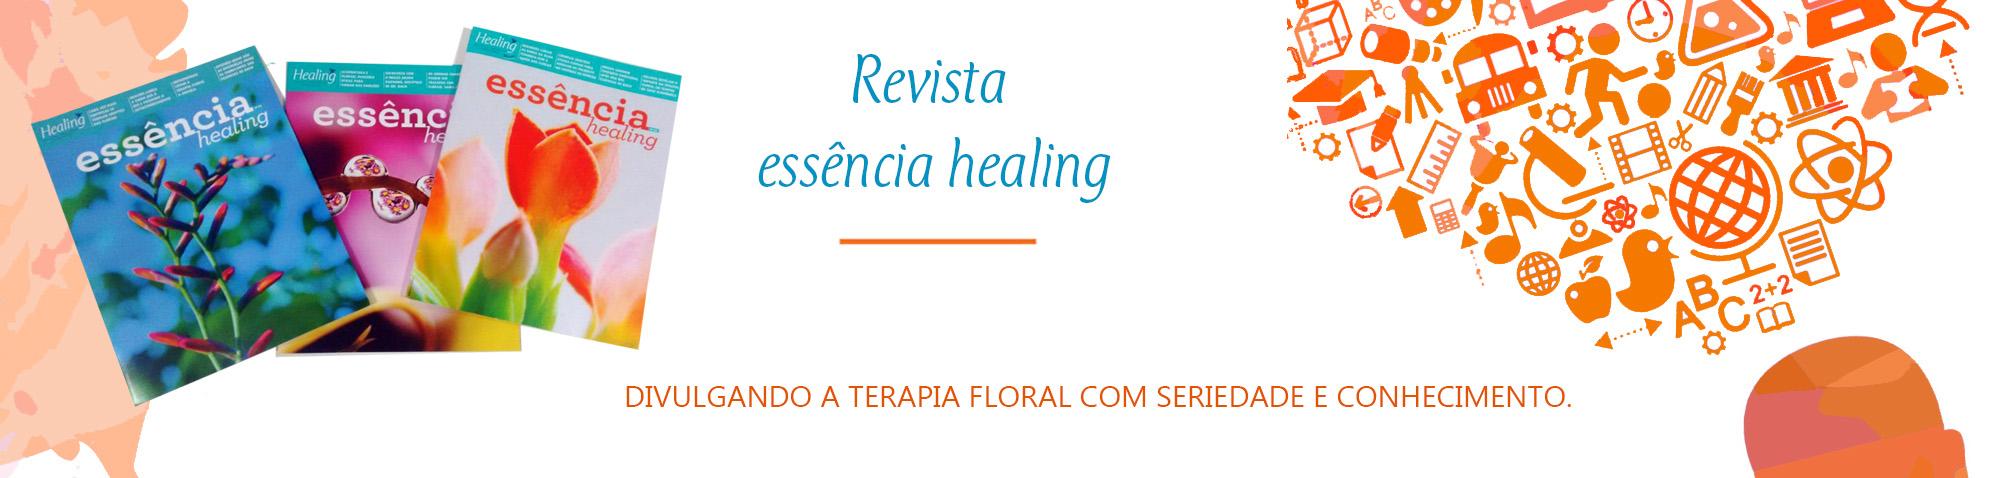 Saiba mais sobre os florais e a terapia floral